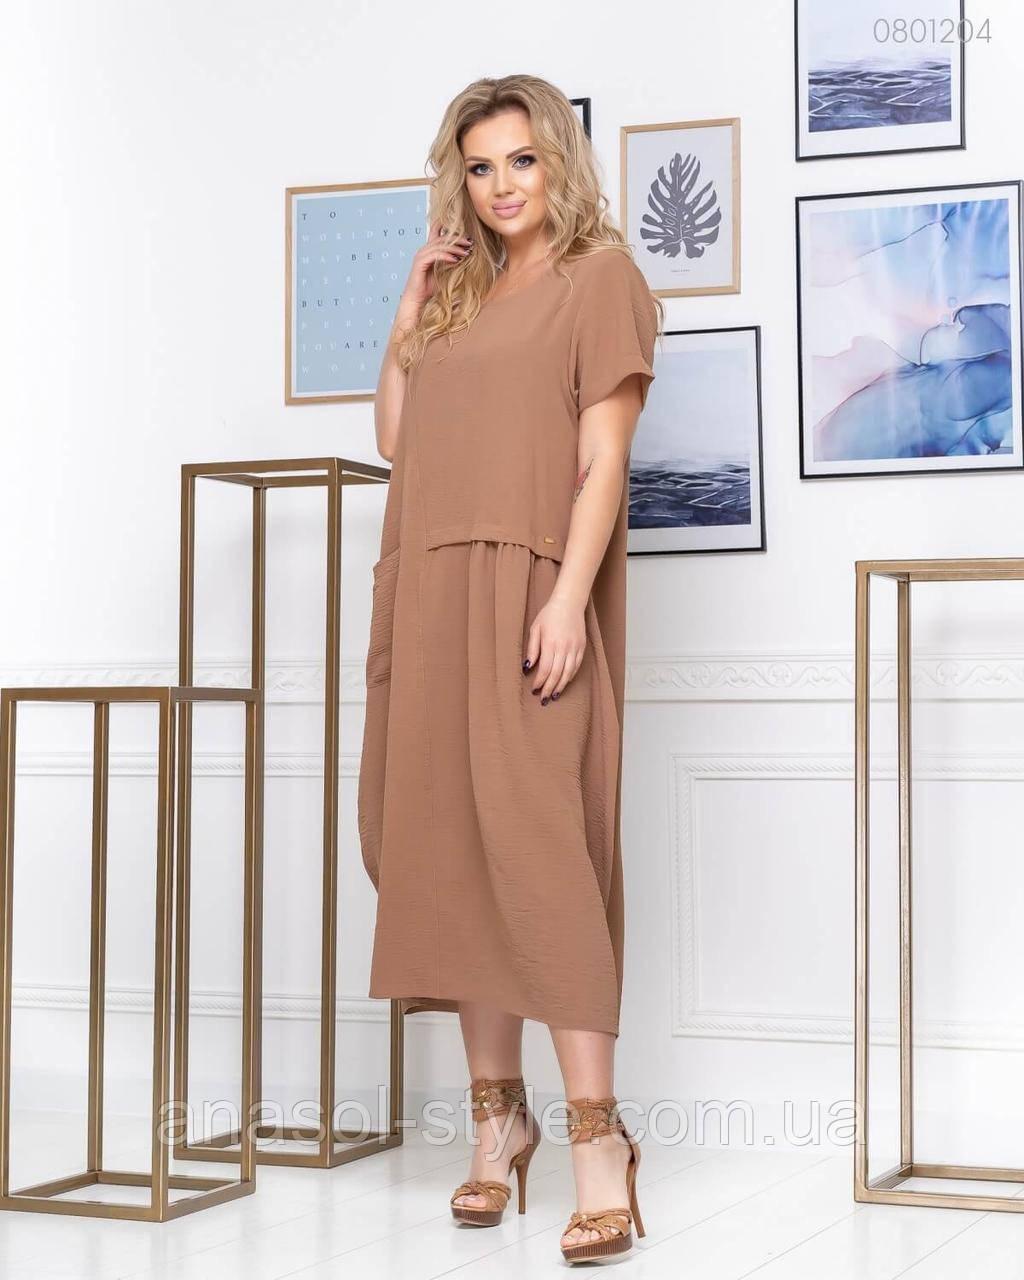 Модное платье Картиньи - 1 свободного фасона больших размеров визон